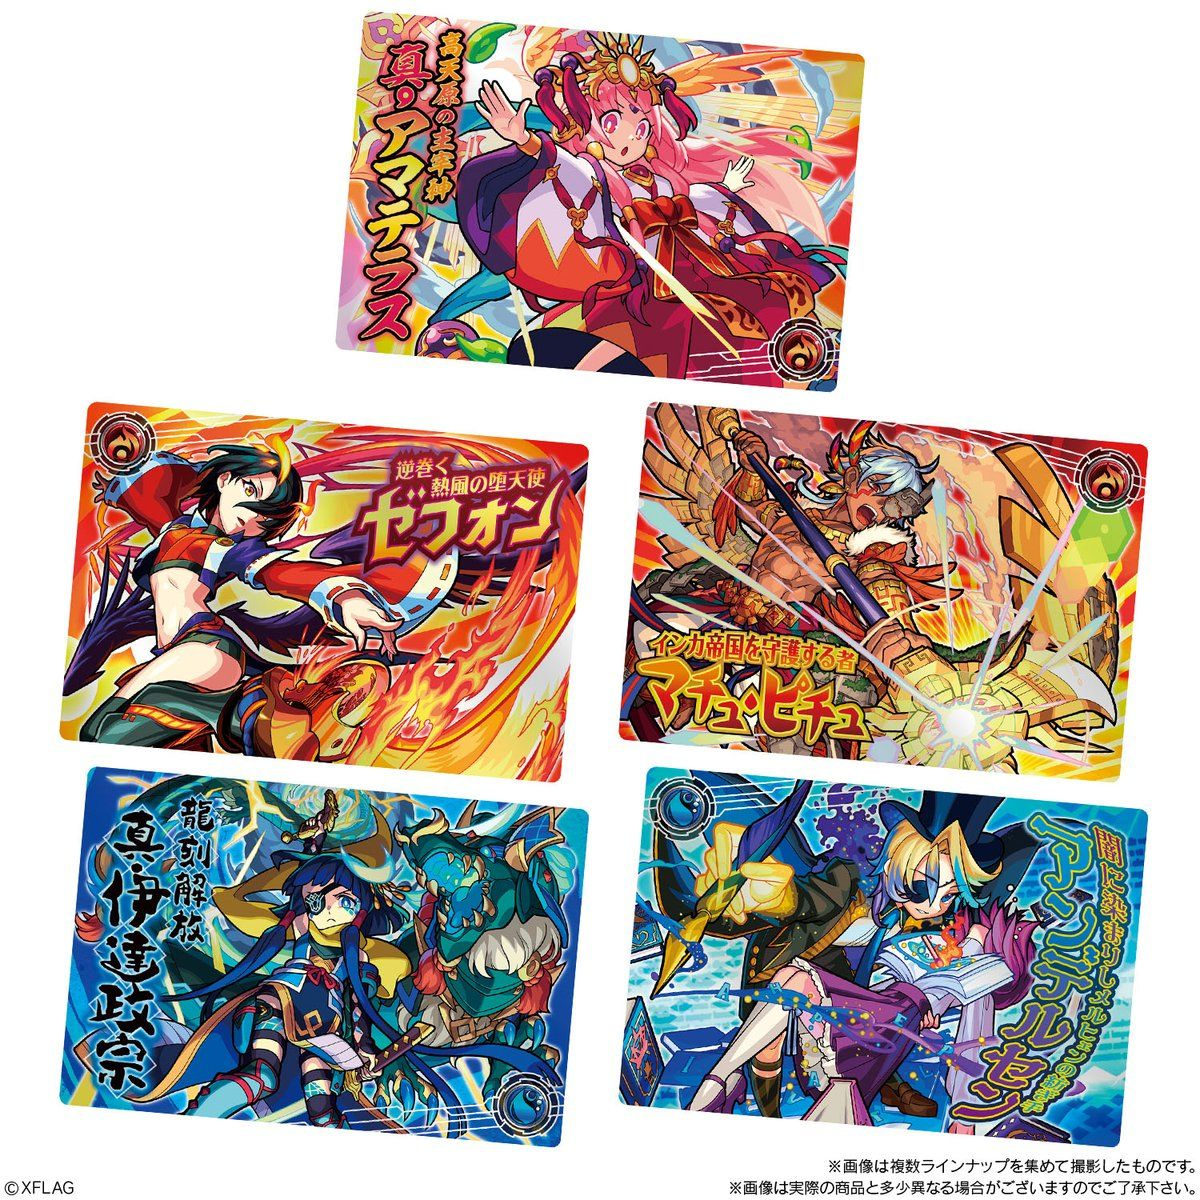 【食玩】モンスターストライク『モンストウエハース EX2』20個入りBOX-002